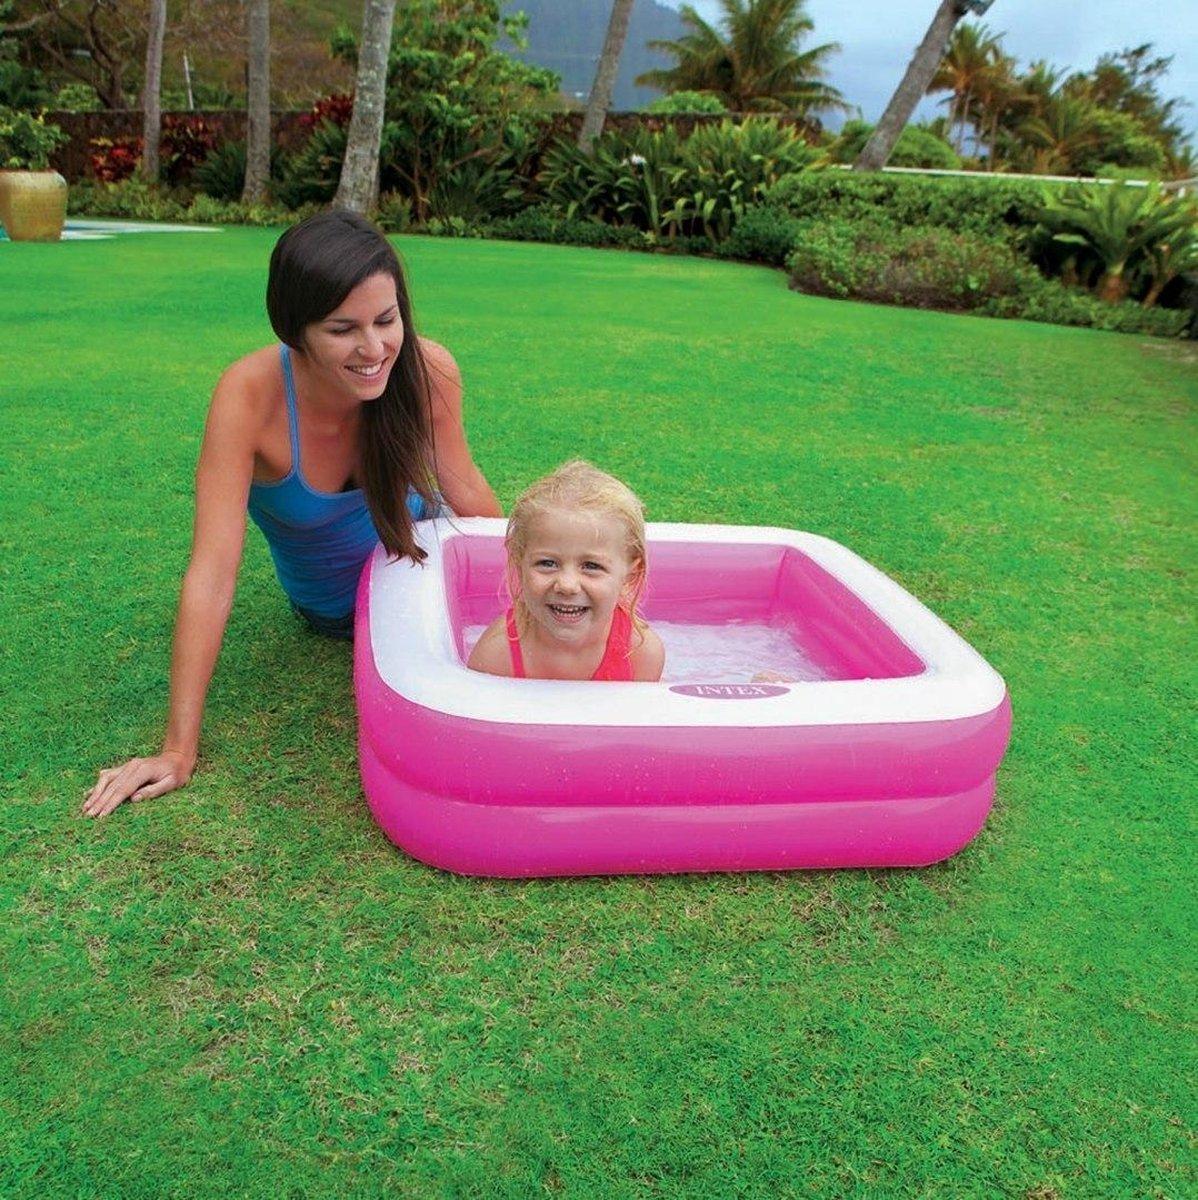 Zwembad Peuter Zwembadje Kinderzwembad Opblaasbaar 85 cm Intex